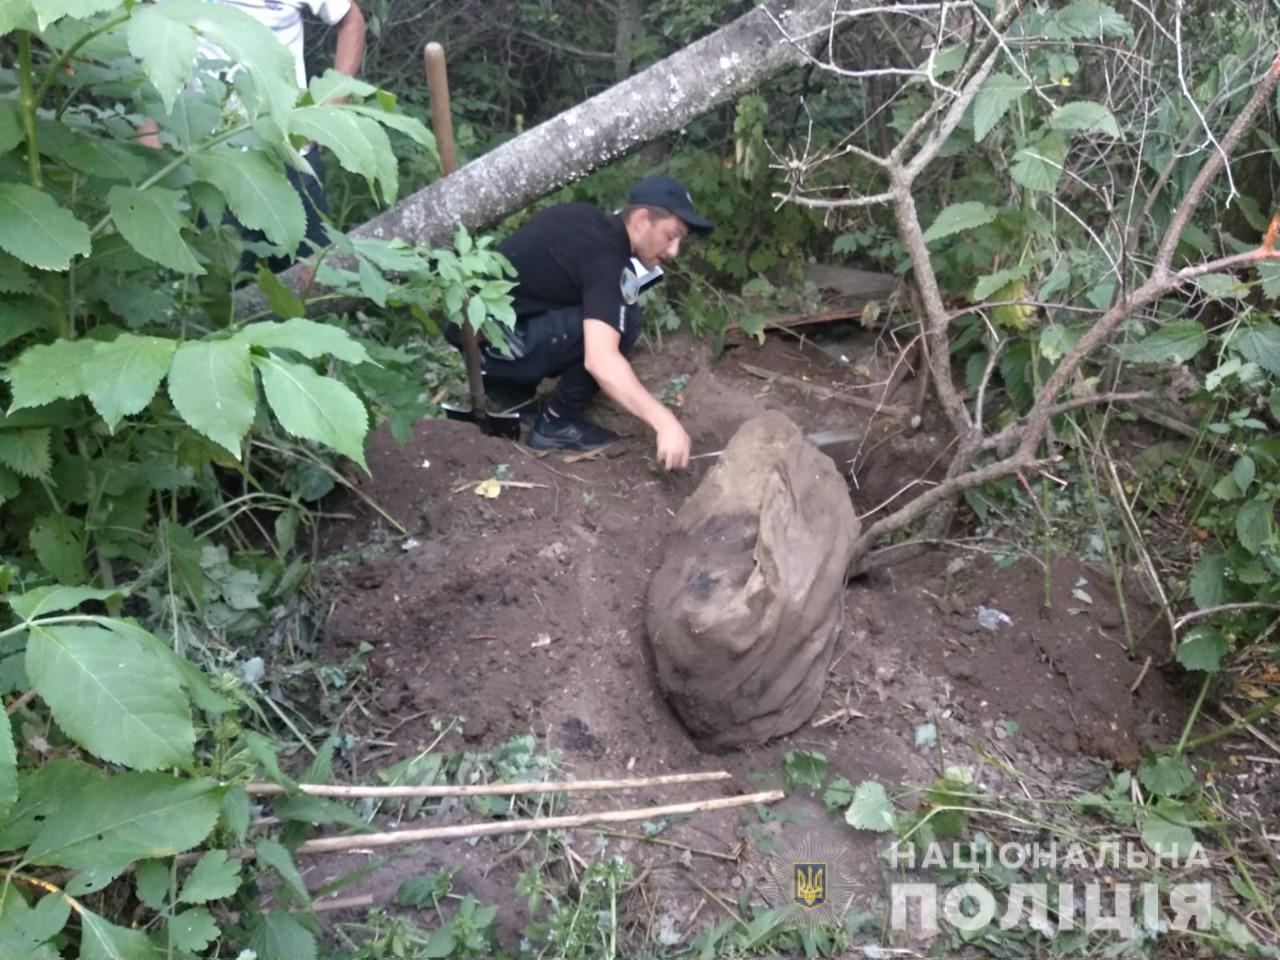 Рештки закопав у лісі: під Шосткою чоловік вбив і розчленував матір